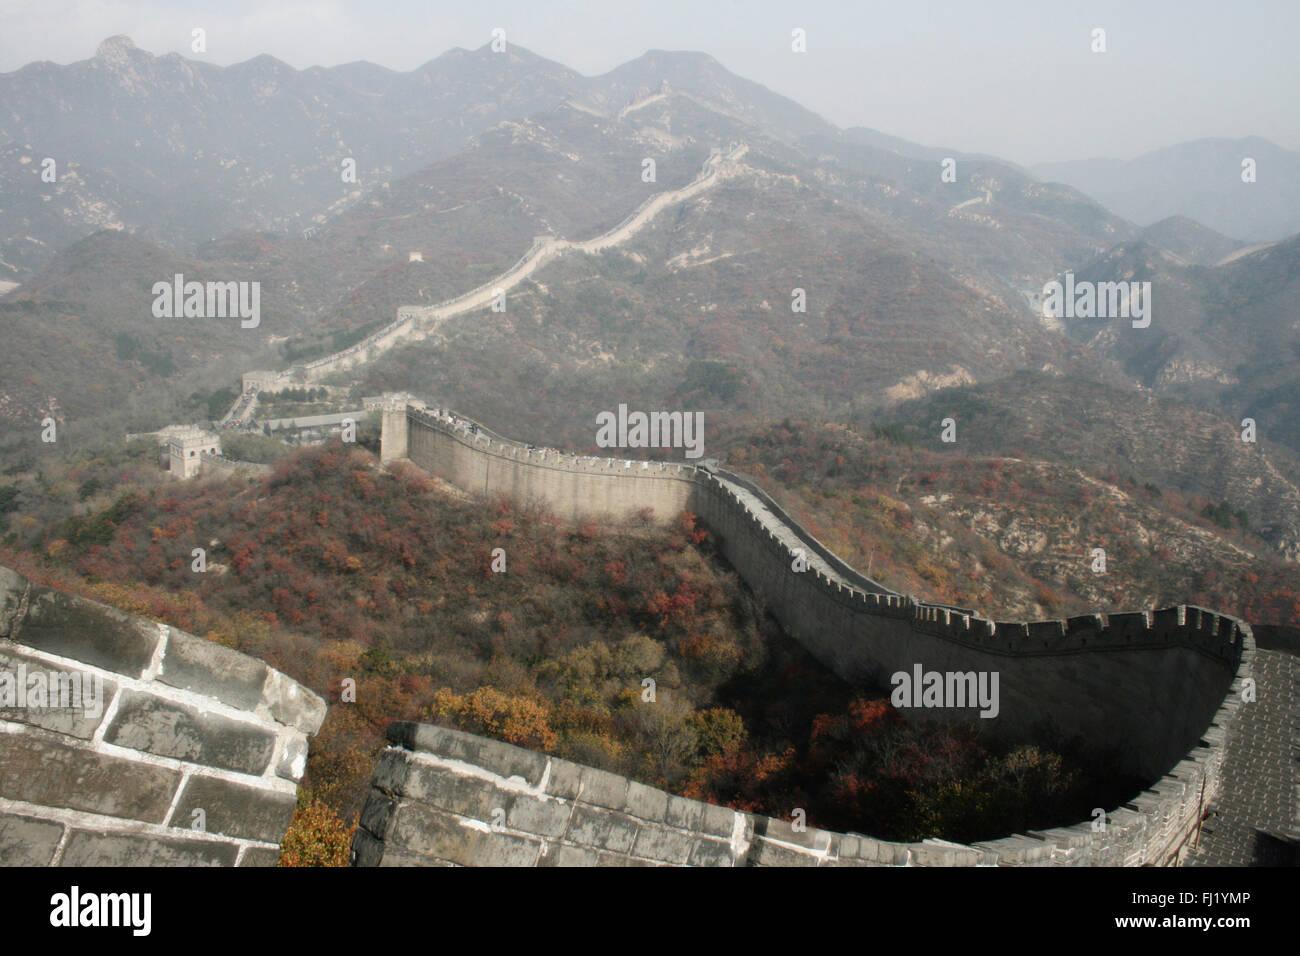 The Great Wall of China at Badaling - Stock Image